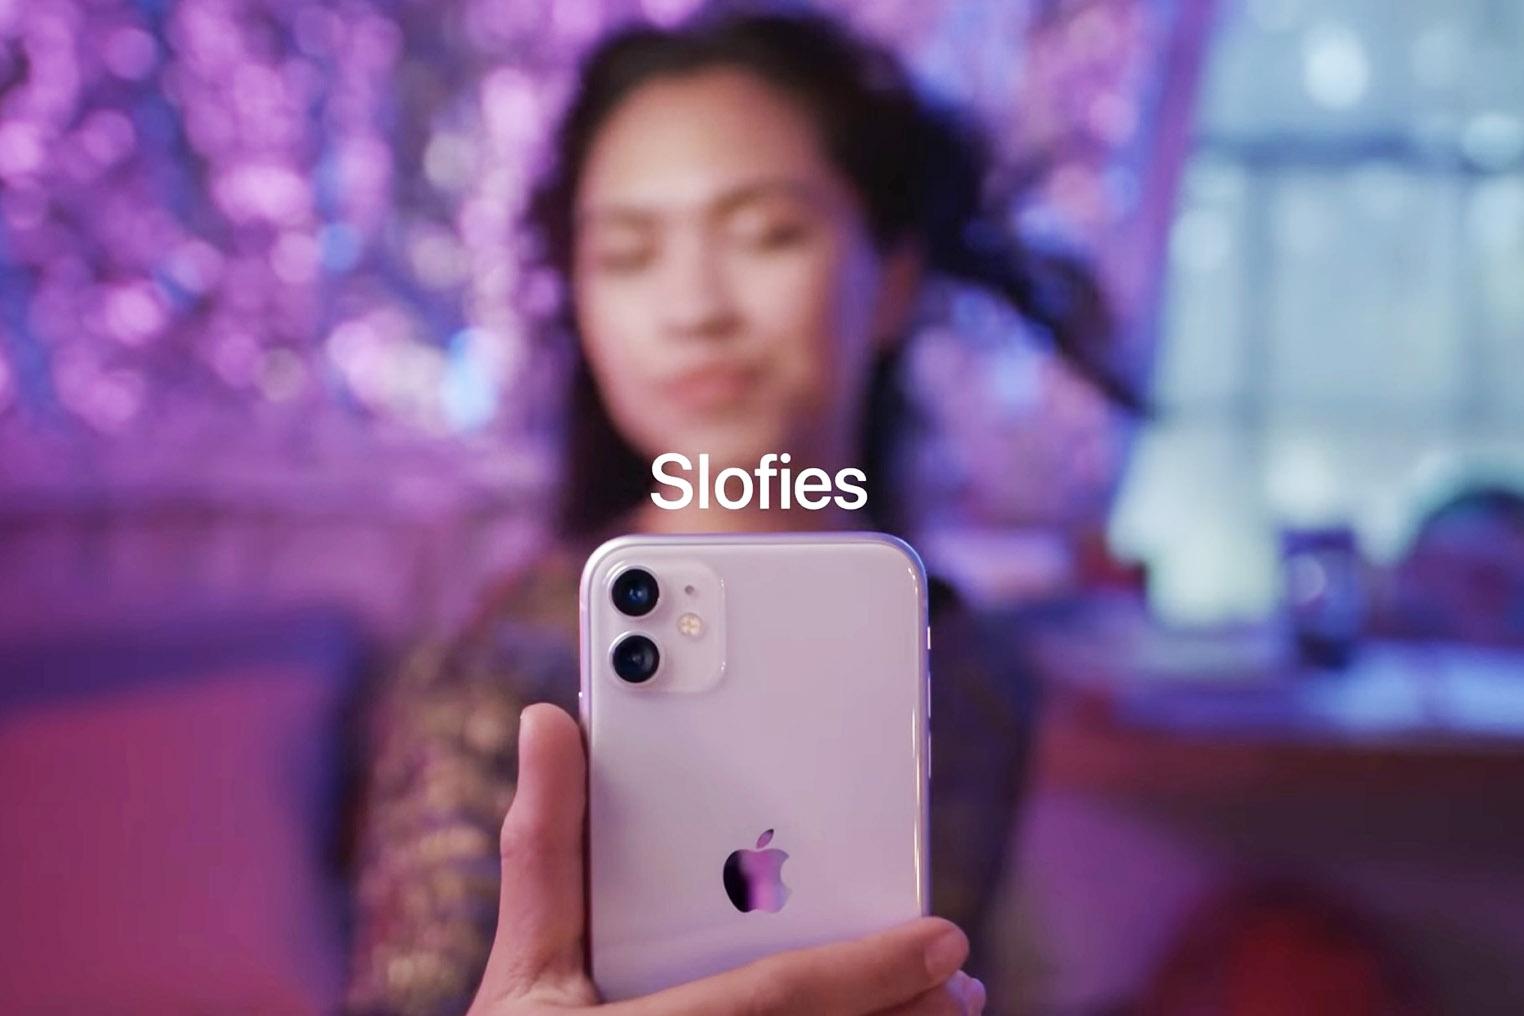 iPhone 11 Slofie